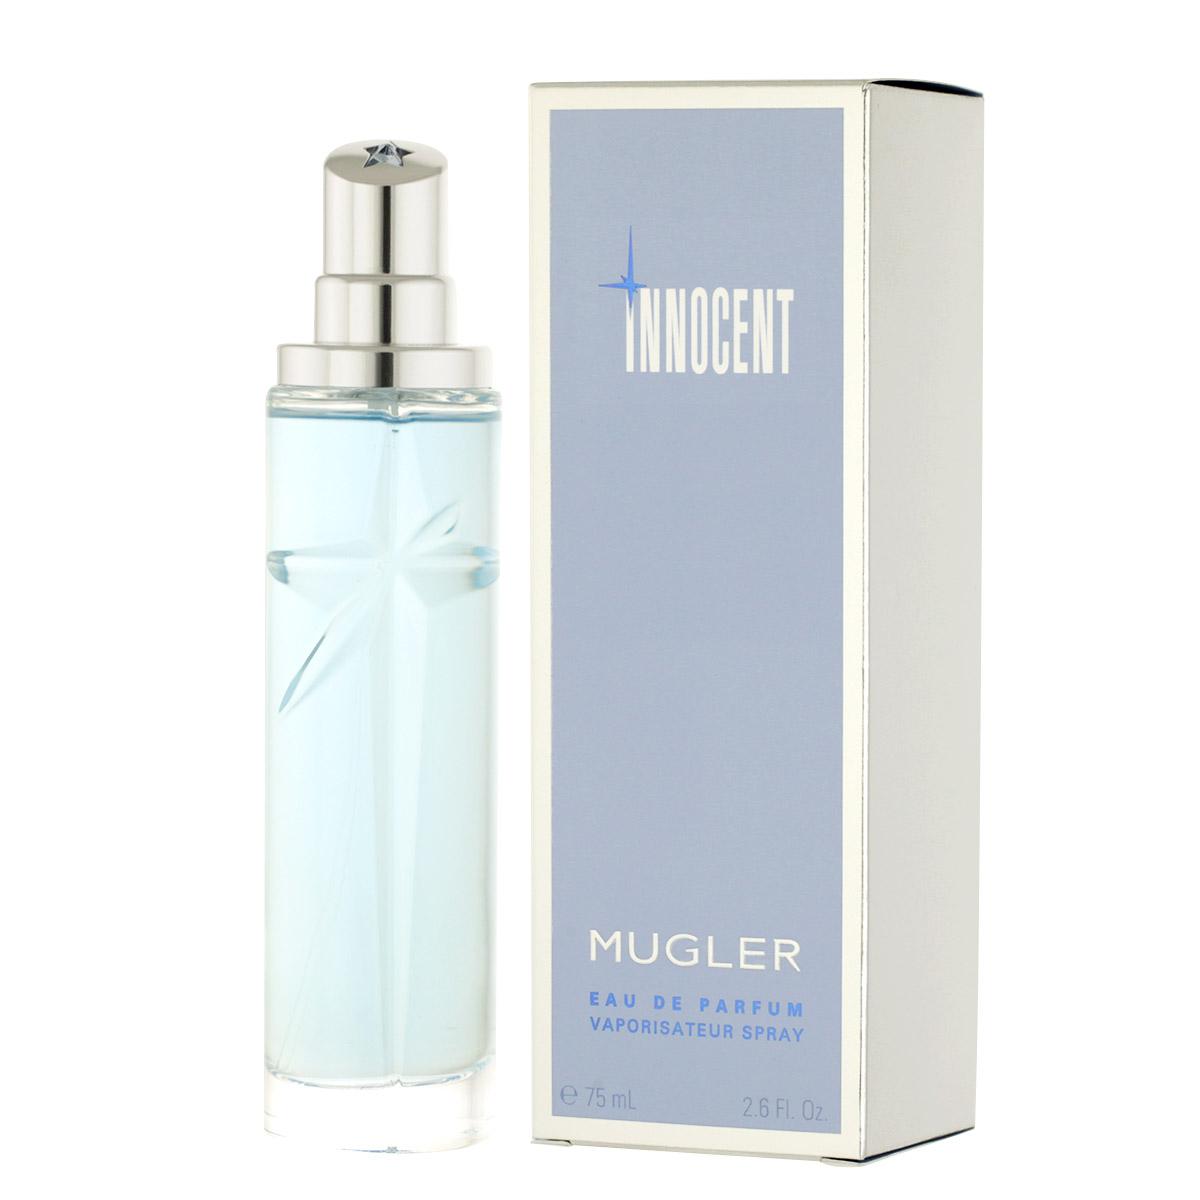 Mugler Innocent Eau De Parfum 75 ml (woman) 91520